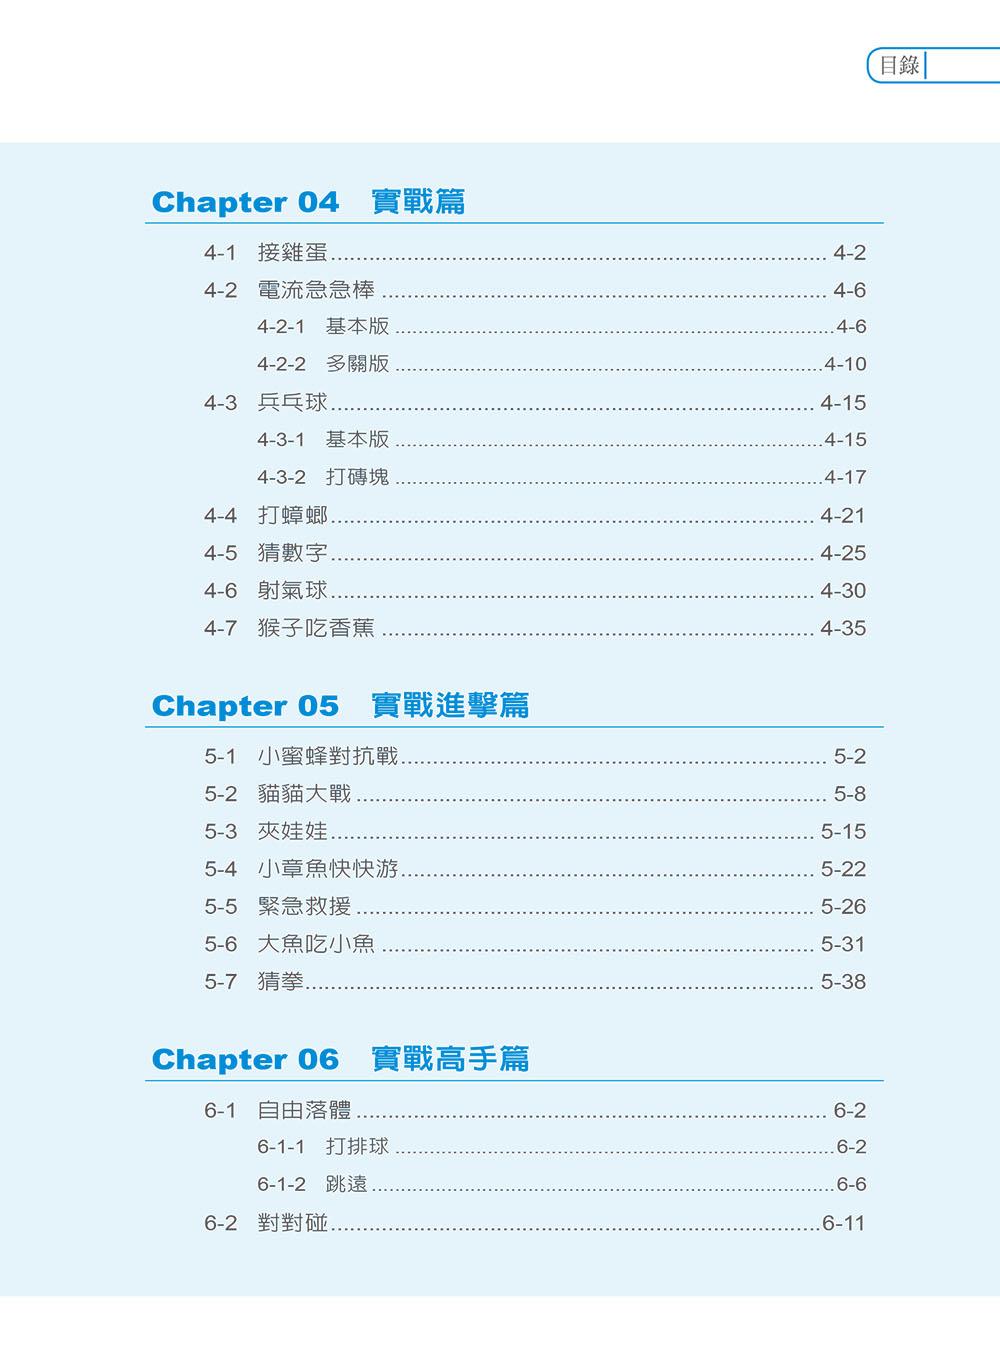 http://im2.book.com.tw/image/getImage?i=http://www.books.com.tw/img/001/070/34/0010703424_bi_03.jpg&v=5694f1de&w=655&h=609